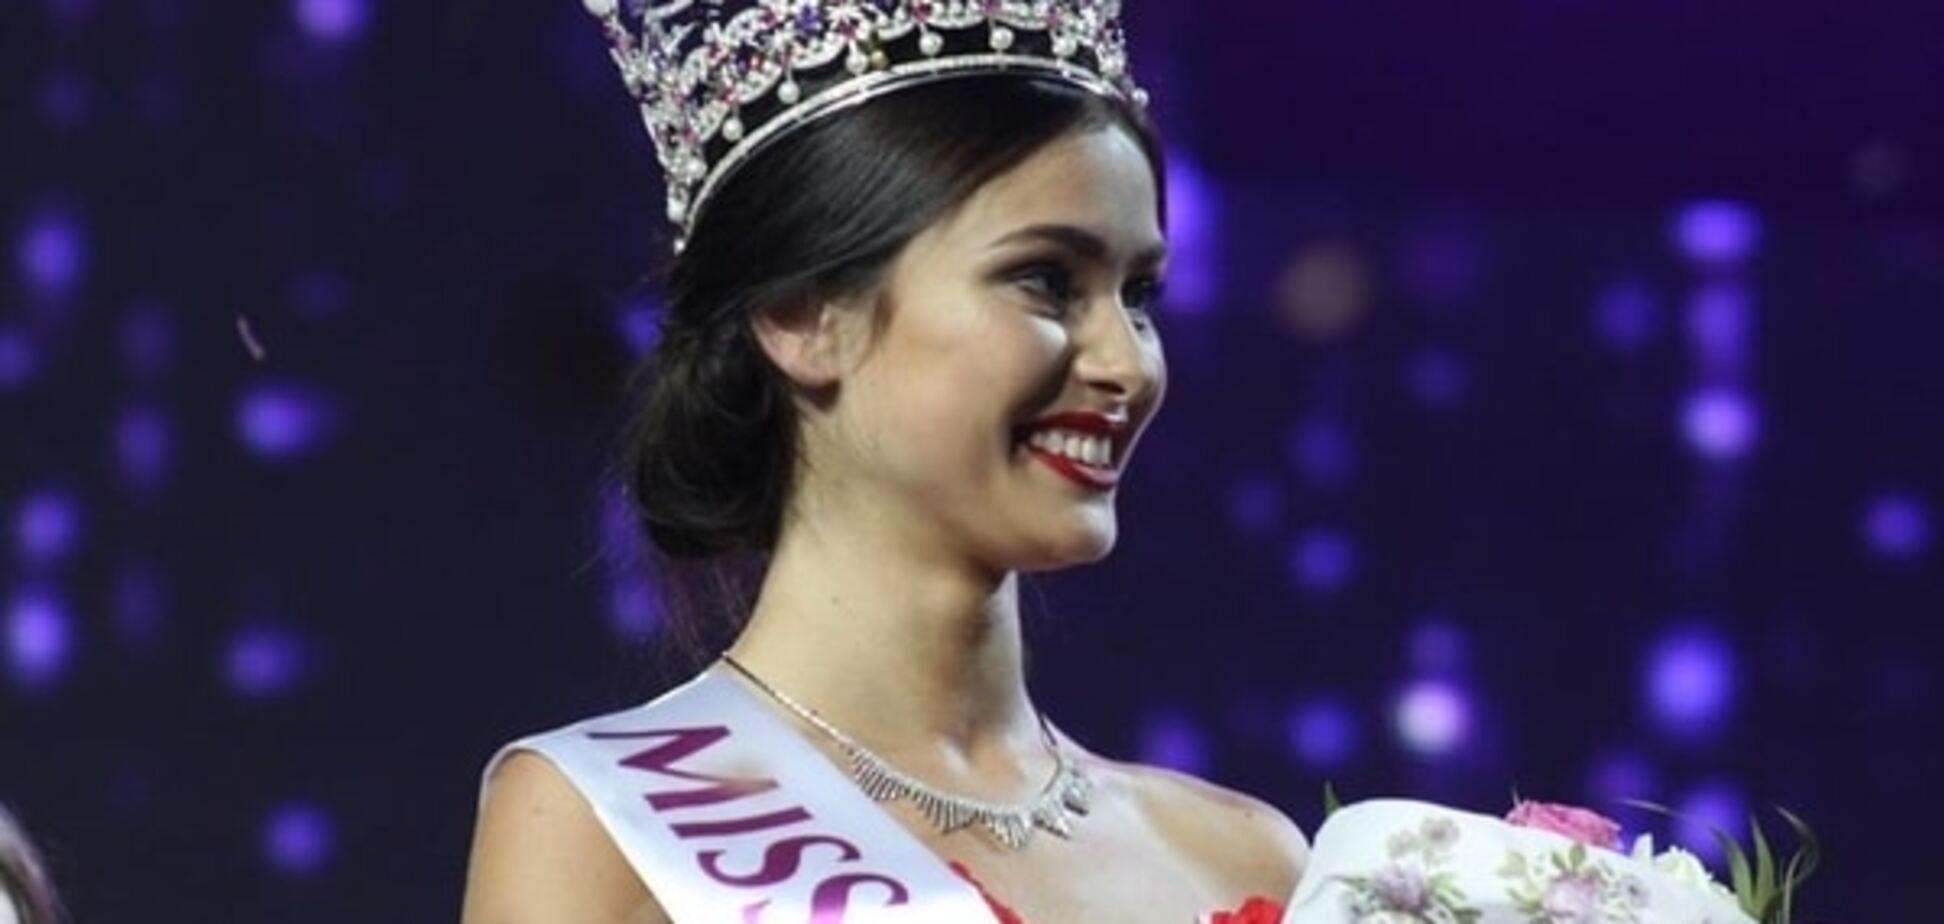 'Міс Україна-2015' стала 18-річна киянка